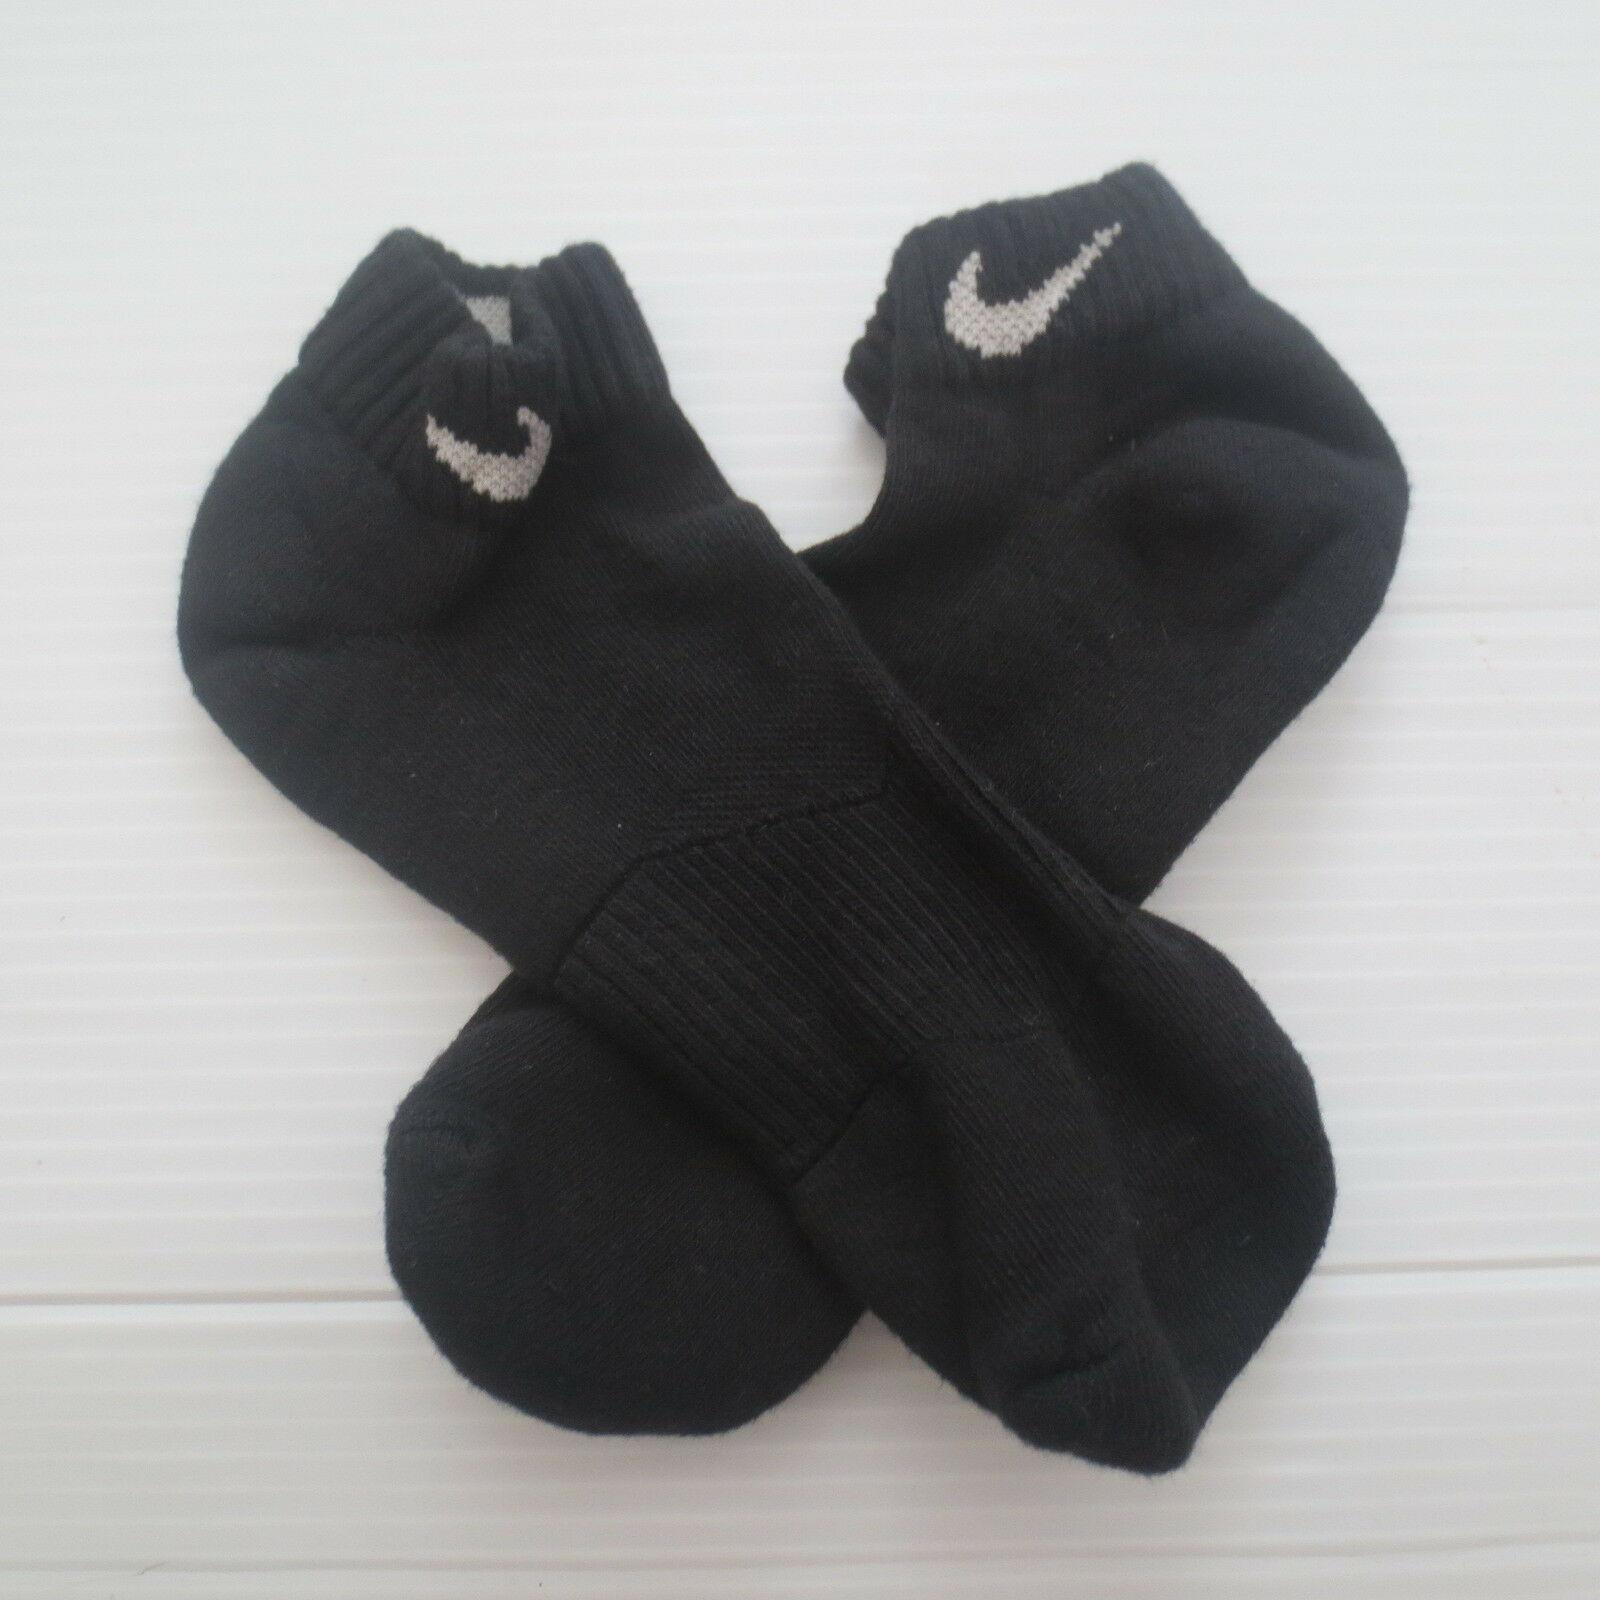 Nike Men Performance Cushion Low Socks - SX4701 - Size L - NEW image 4